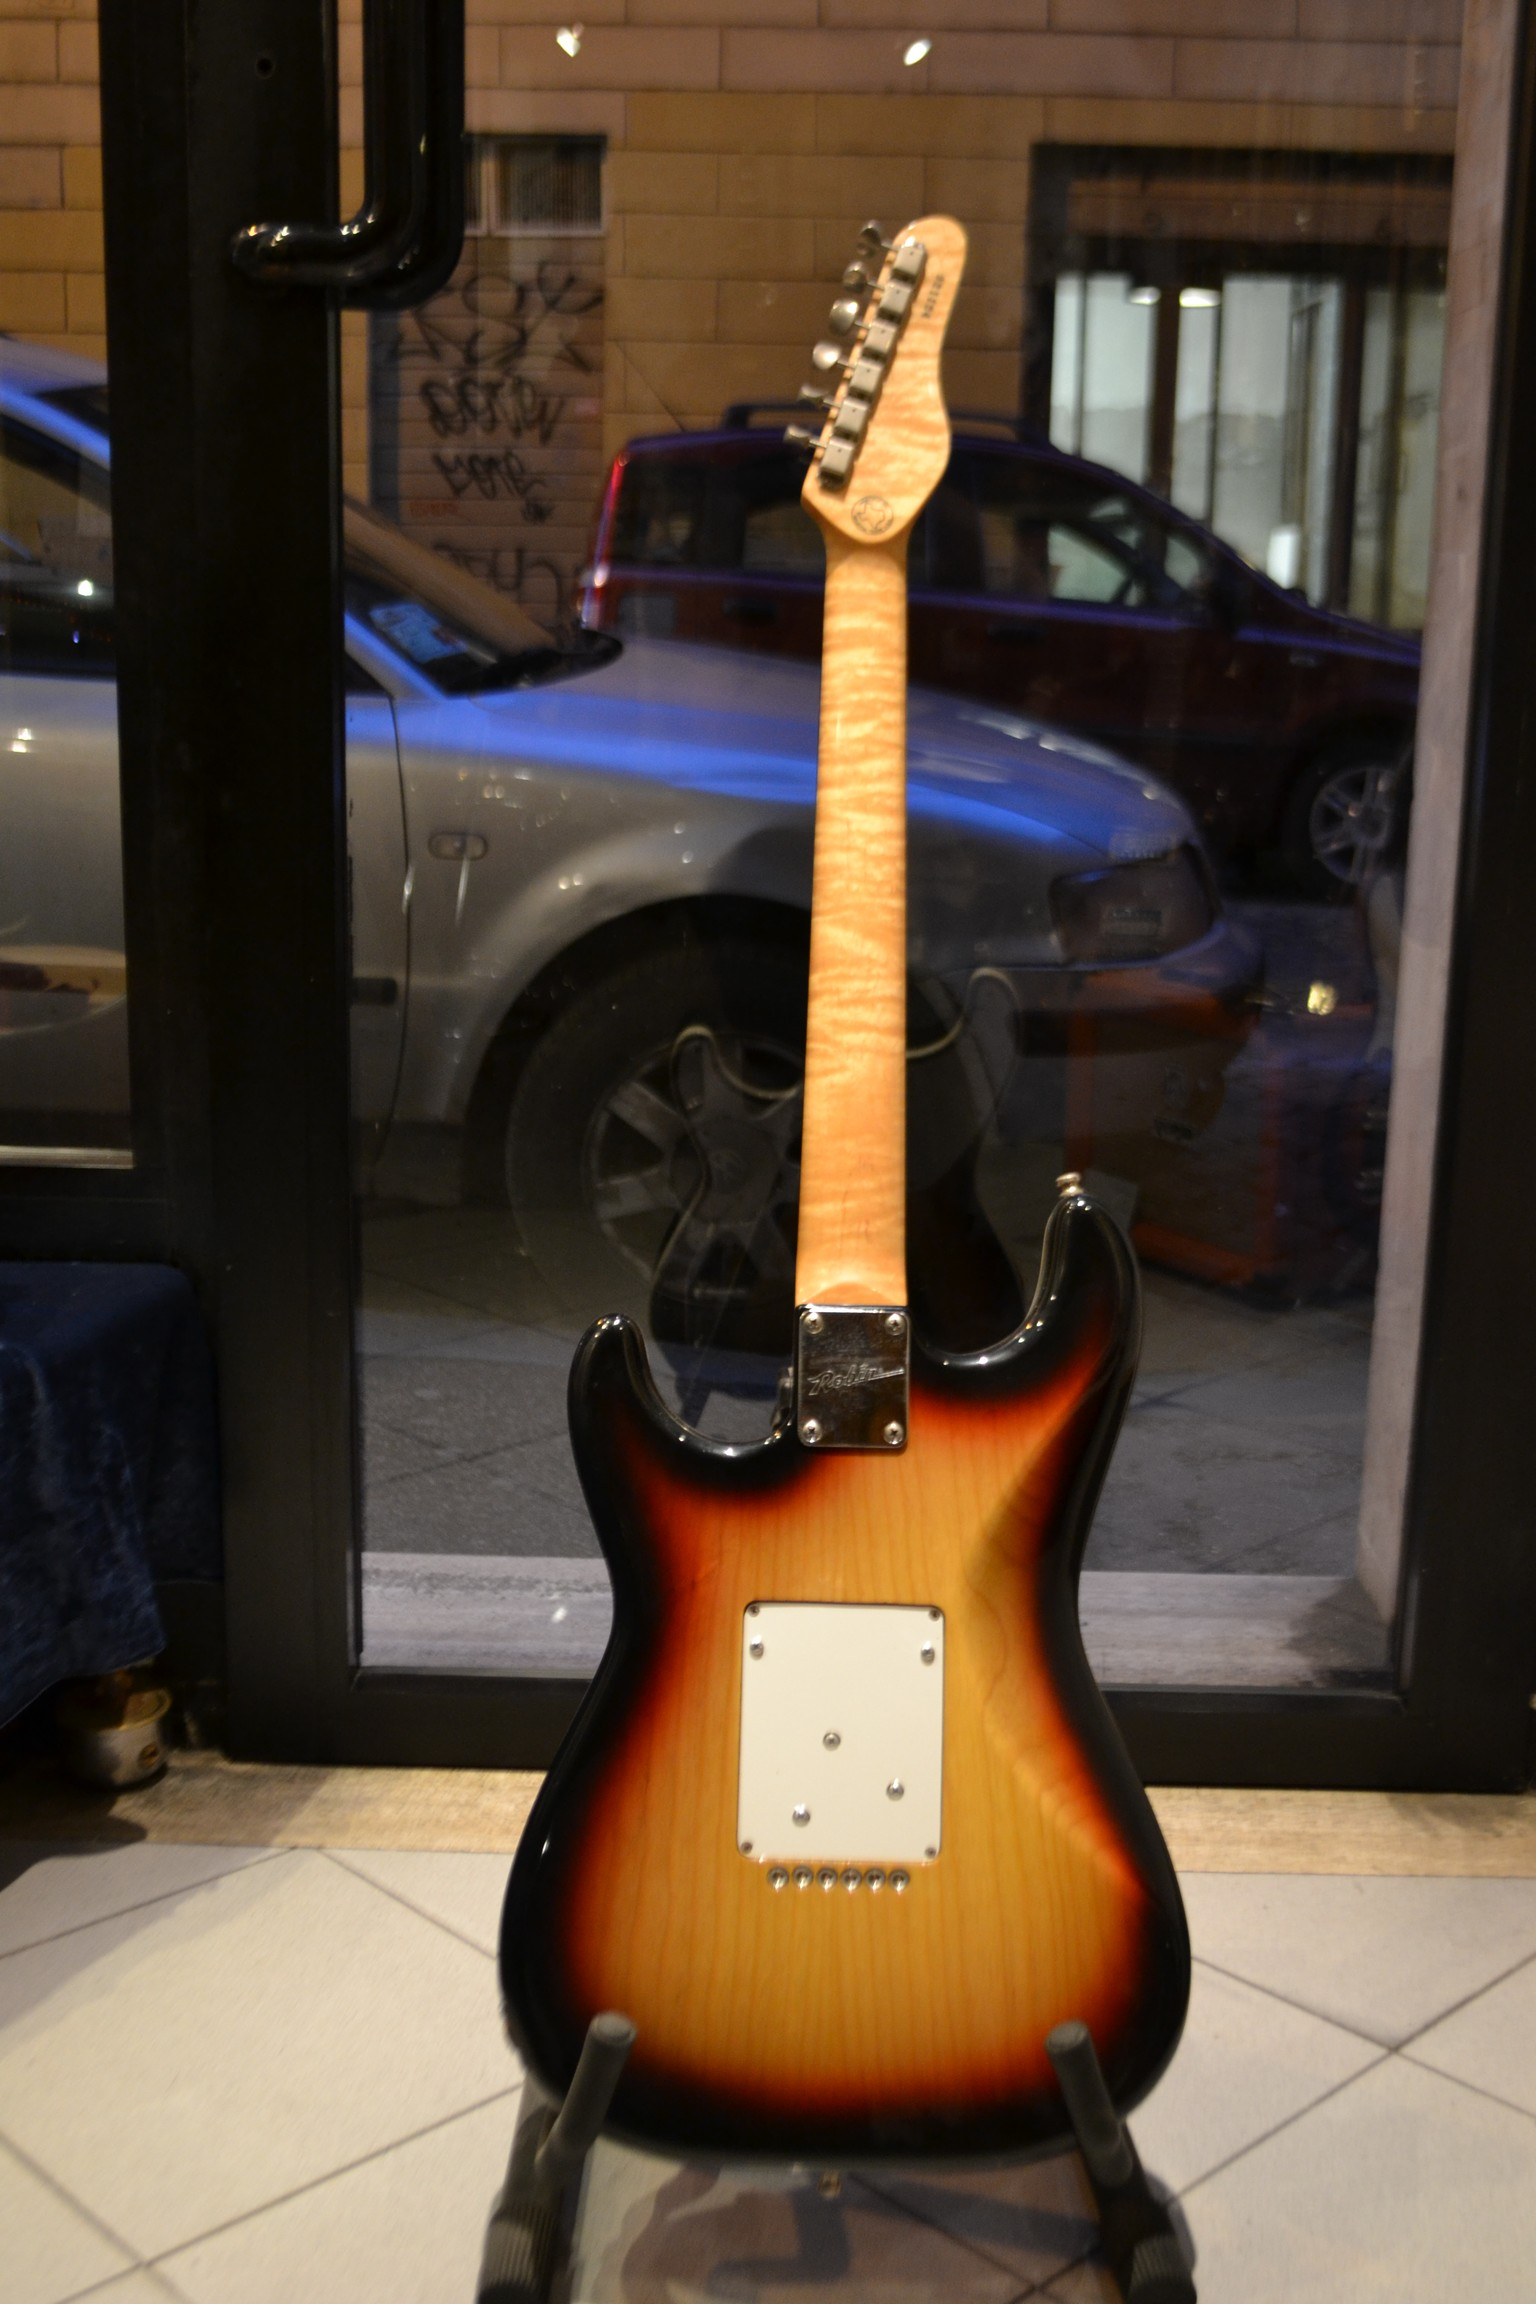 robin ranger 1992 sunburst guitar for sale rome vintage guitars. Black Bedroom Furniture Sets. Home Design Ideas